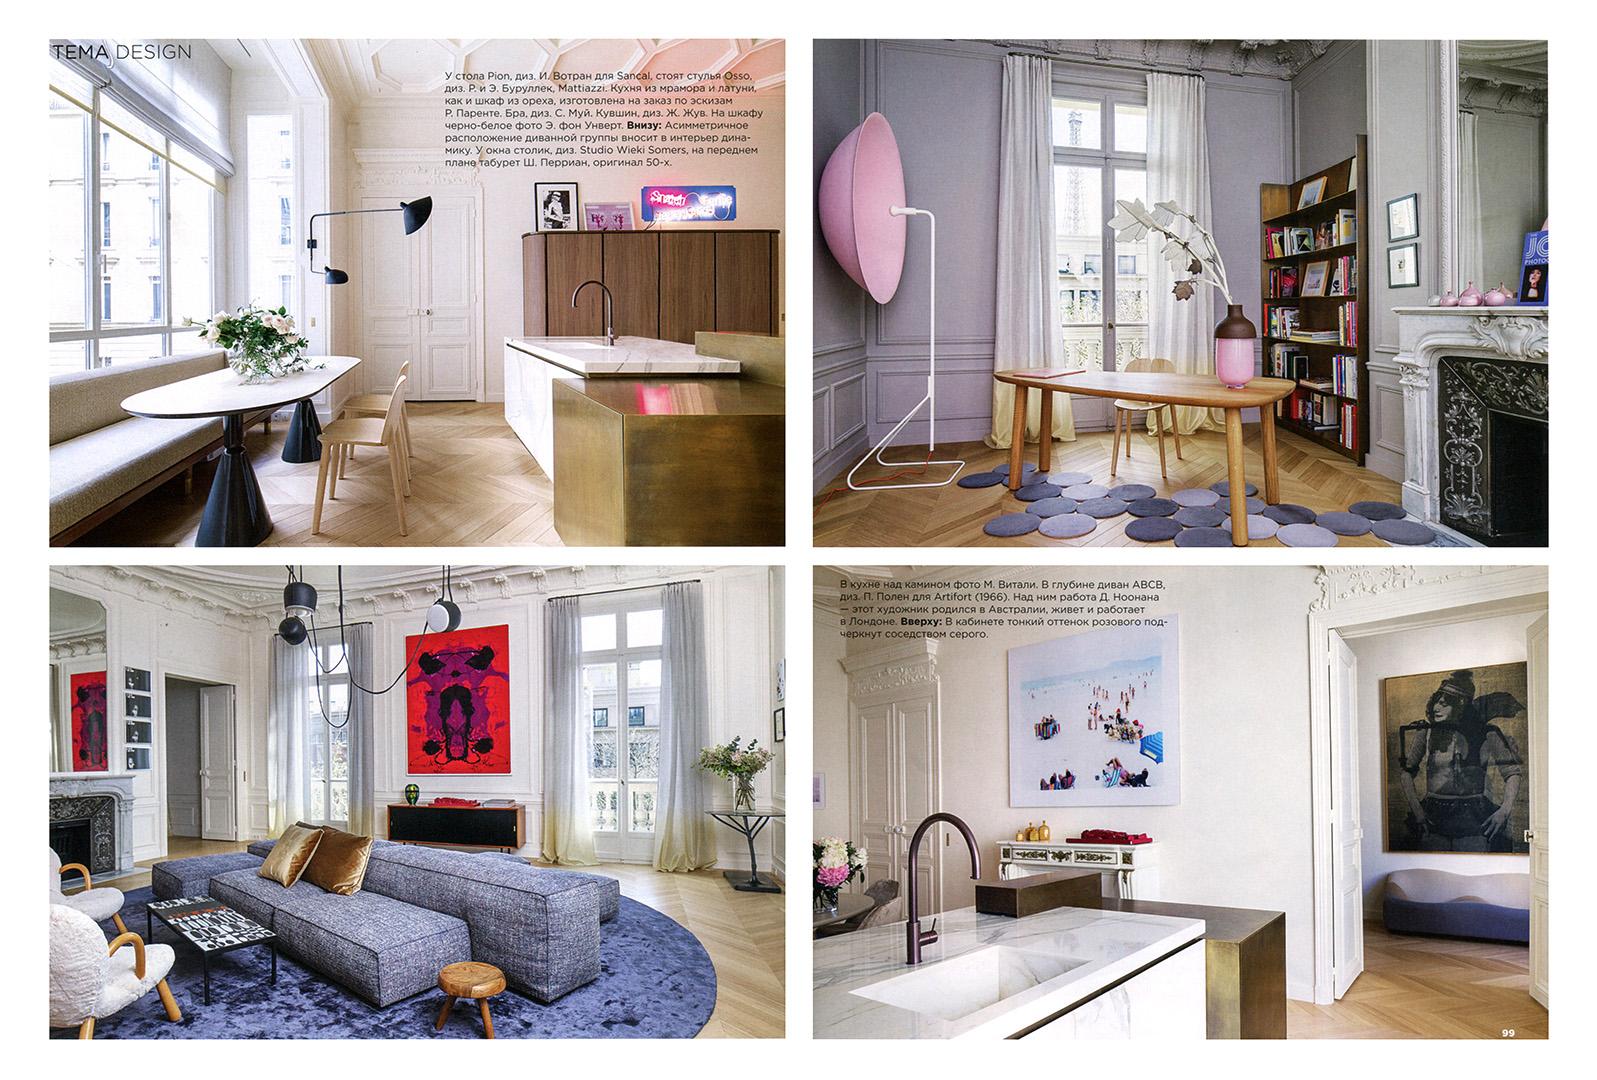 Rodolphe-Parente-Interior-Design-Magazine-2015-05